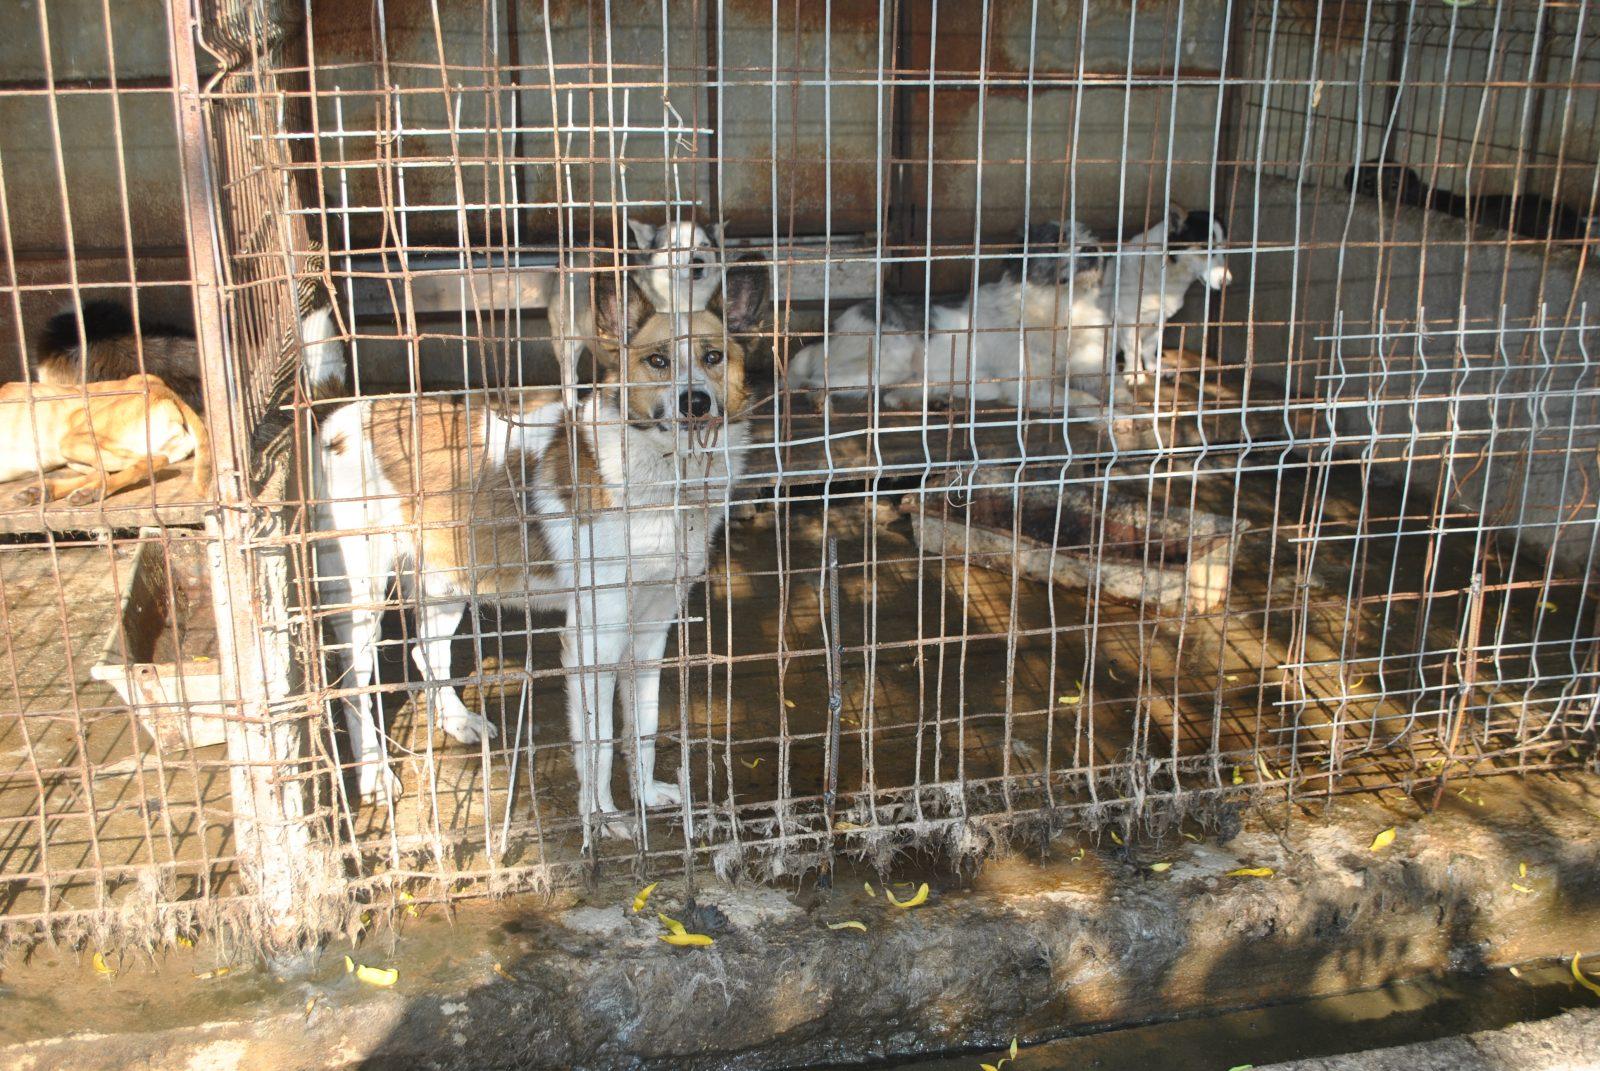 Peste 1200 de câini au fost uciși la adăpostul de la Dara. Bihorenii vor să facă revoluție